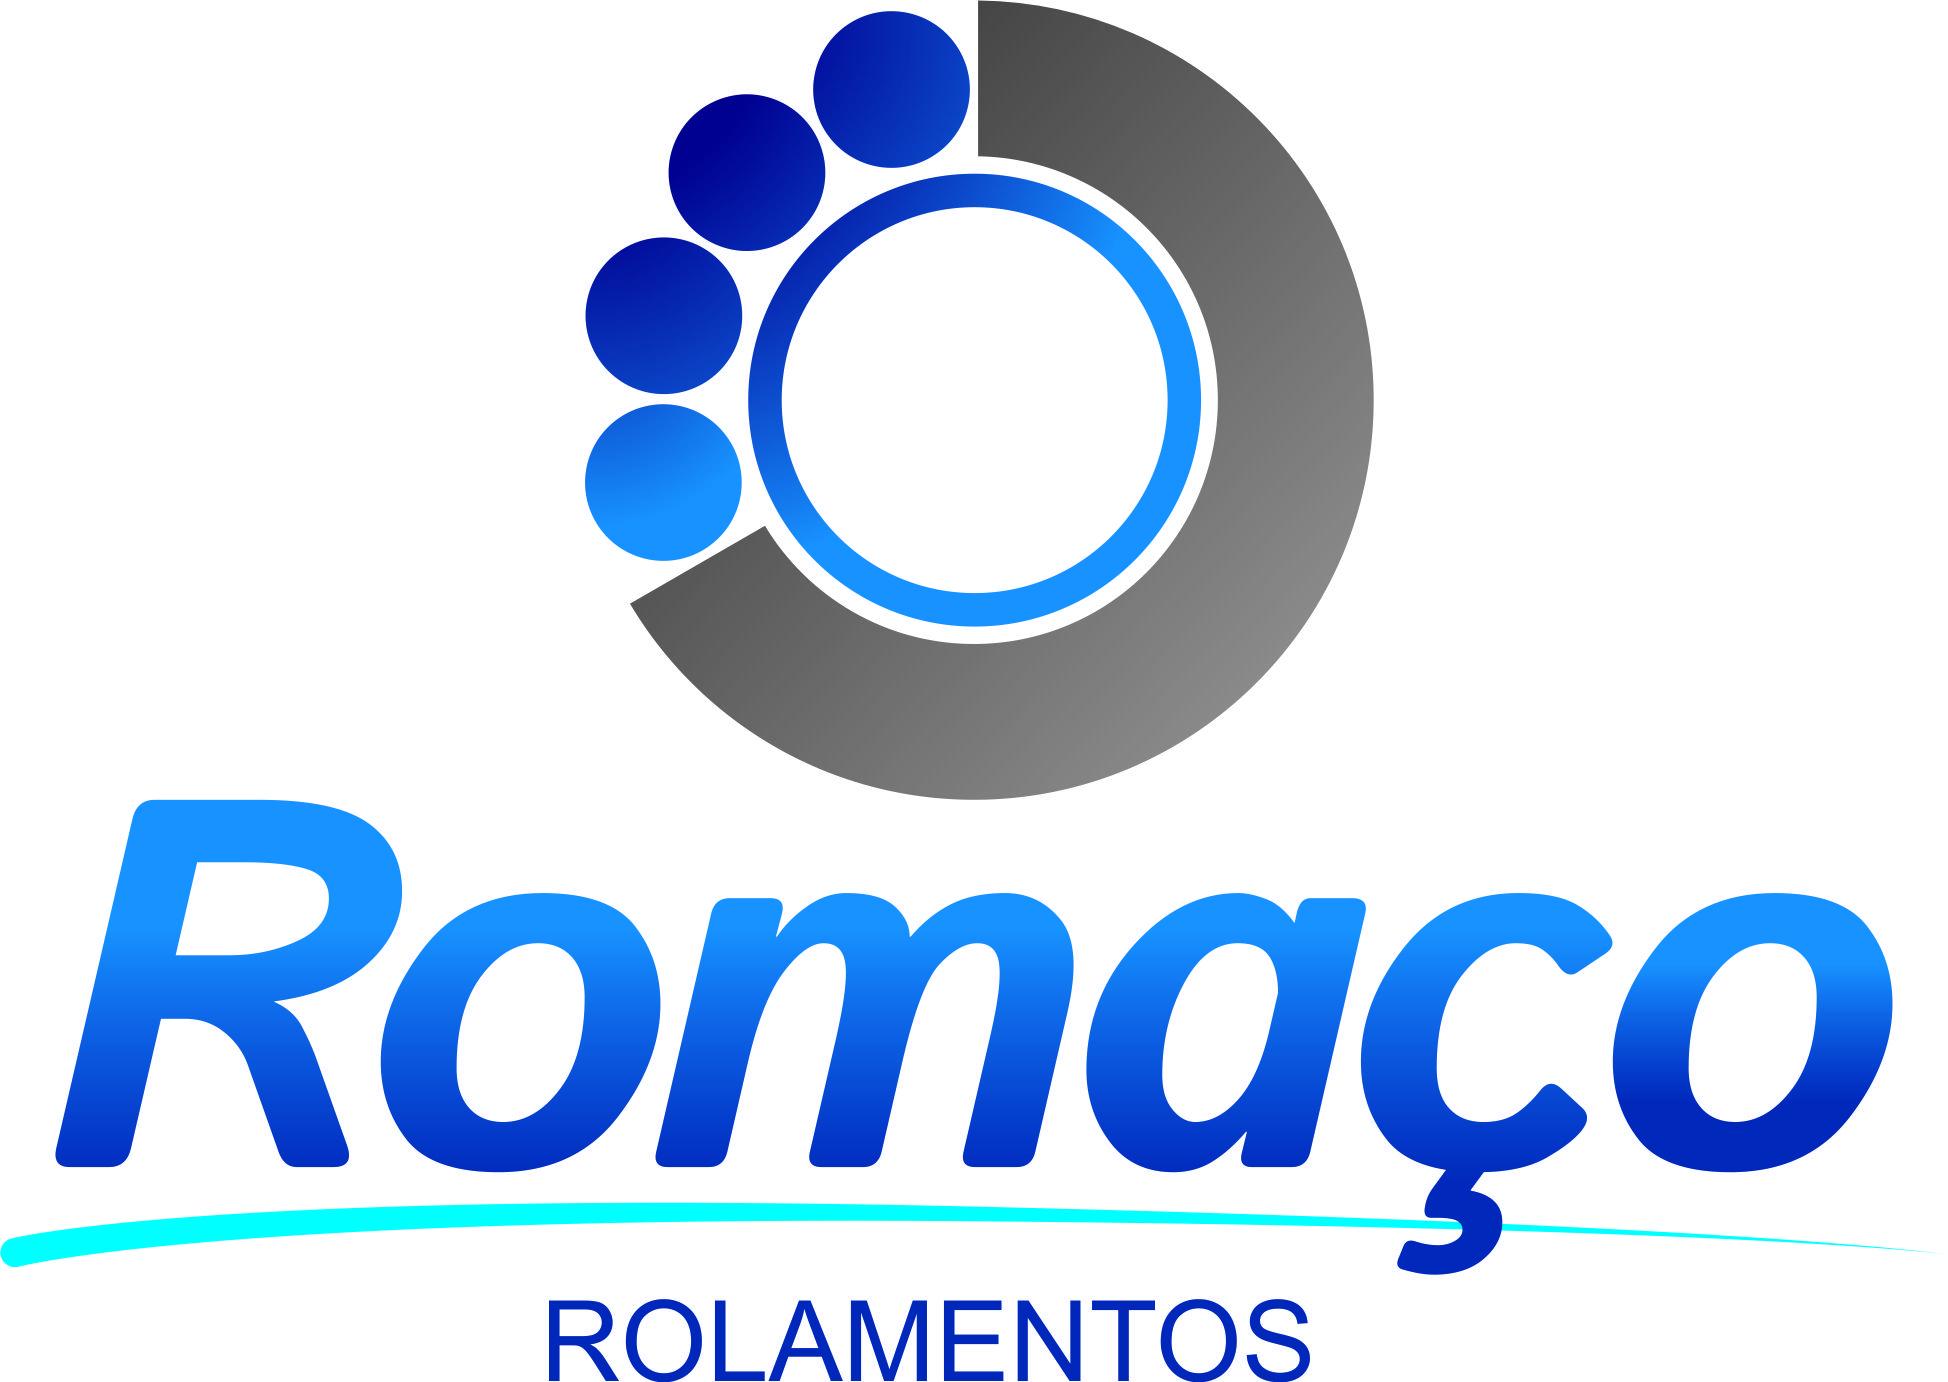 Romaço